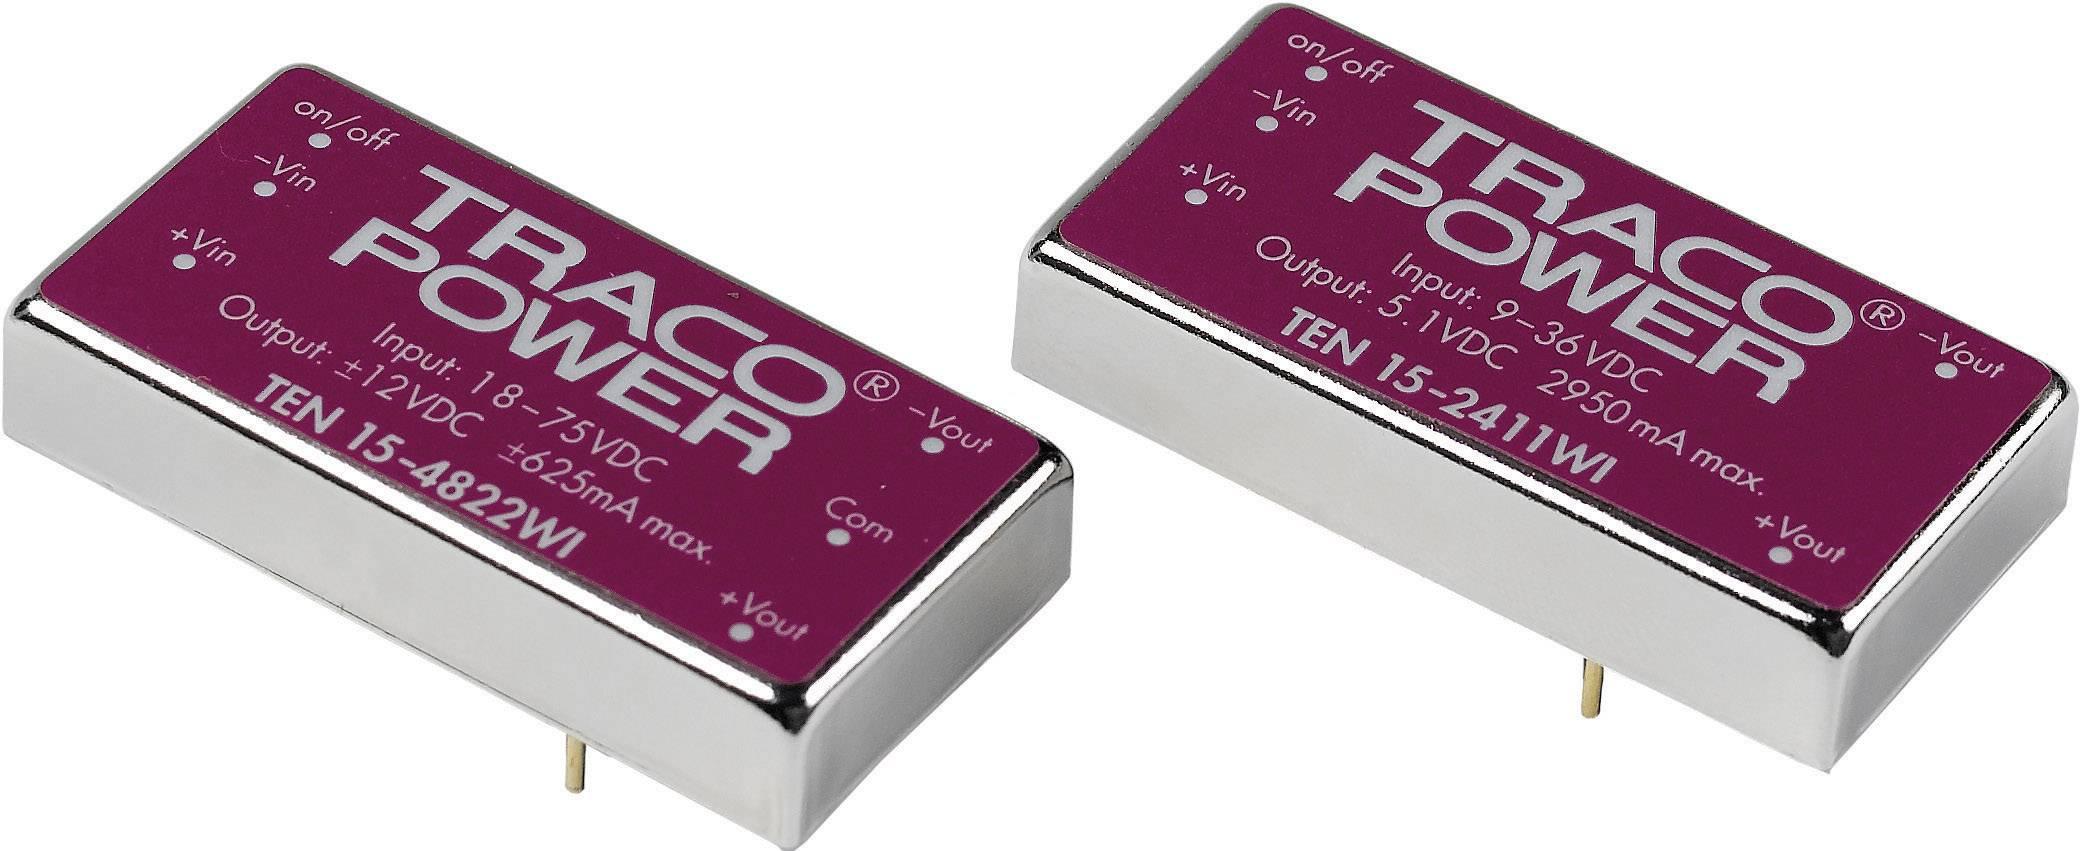 DC/DC měnič TracoPower TEN 15-2422WI, vstup 9 - 36 V/DC, výstup ±12 V/DC, ±625 mA, 15 W